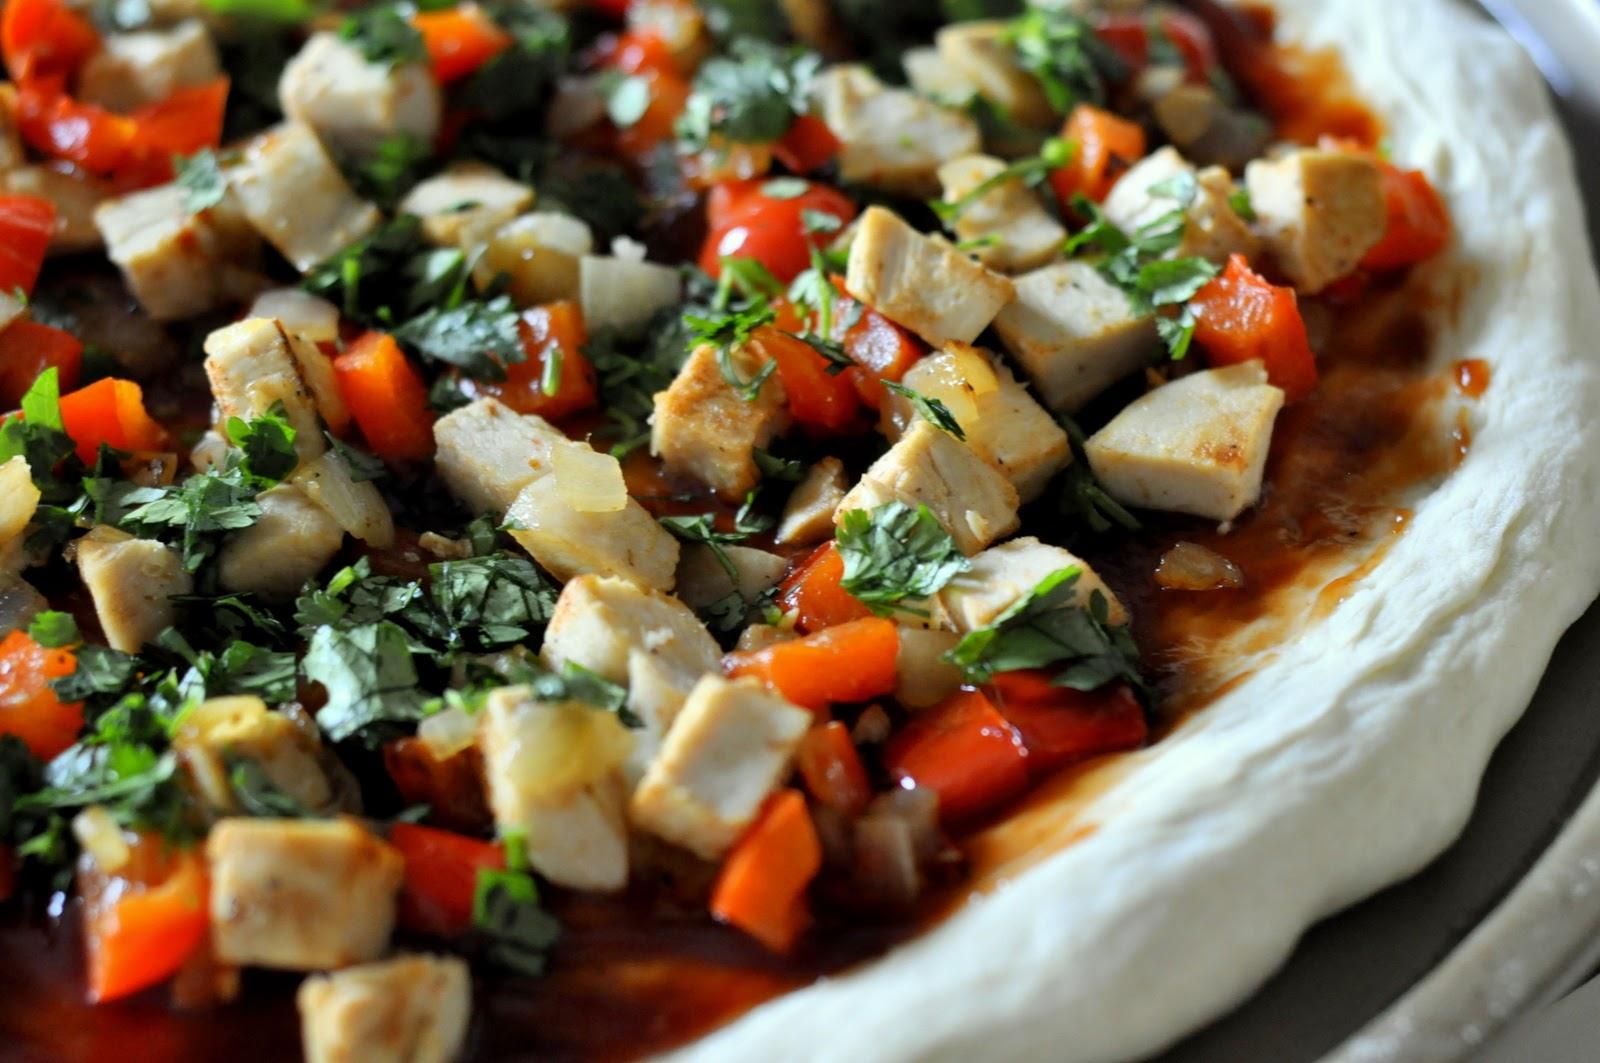 Barbecue Chicken Pizza with fresh cilantro!